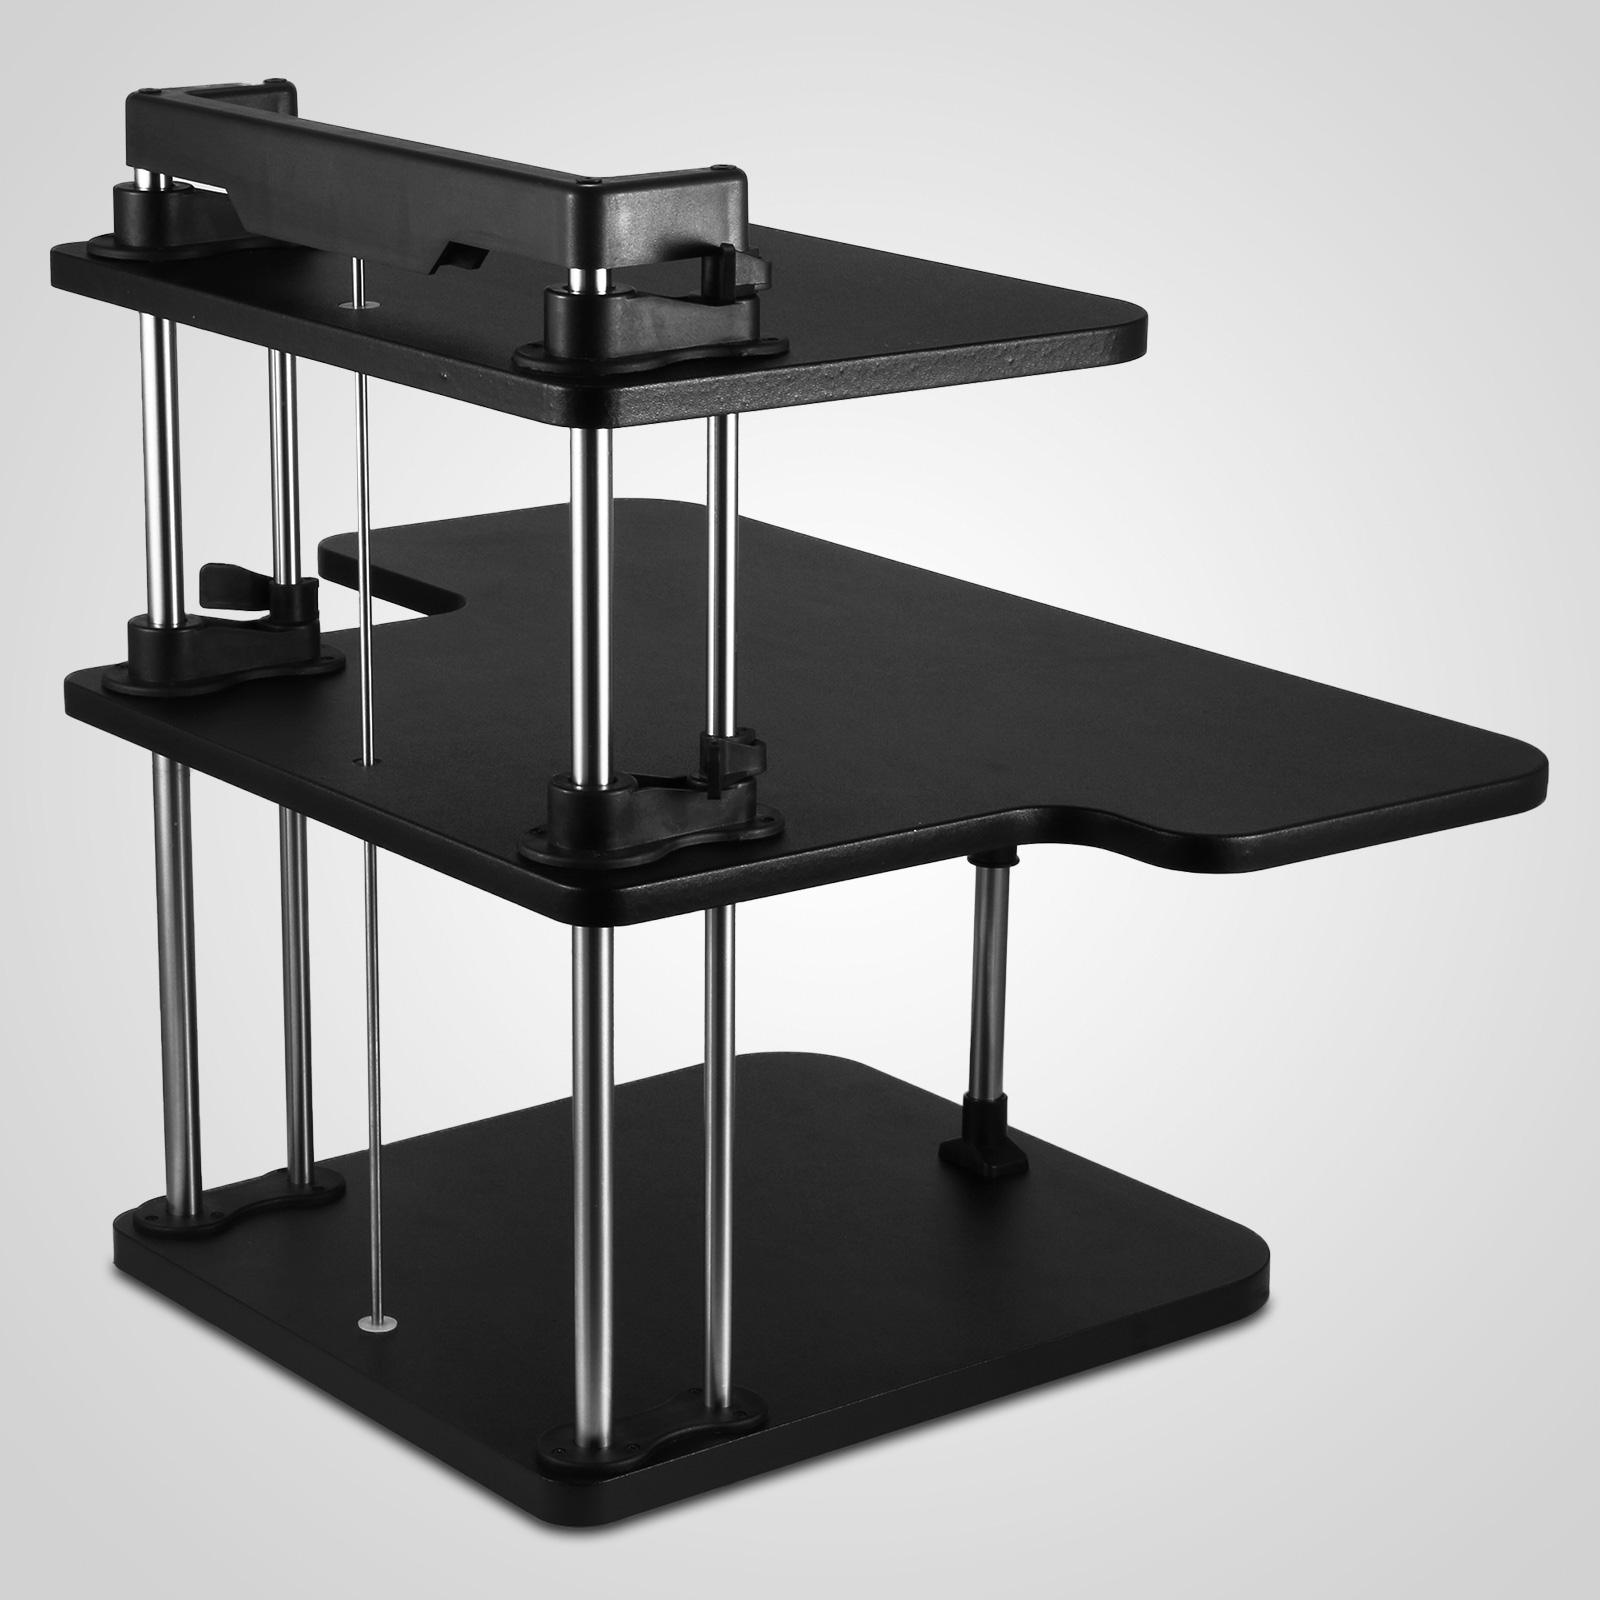 3 Tier Adjustable Computer Standing Desk Double Poles